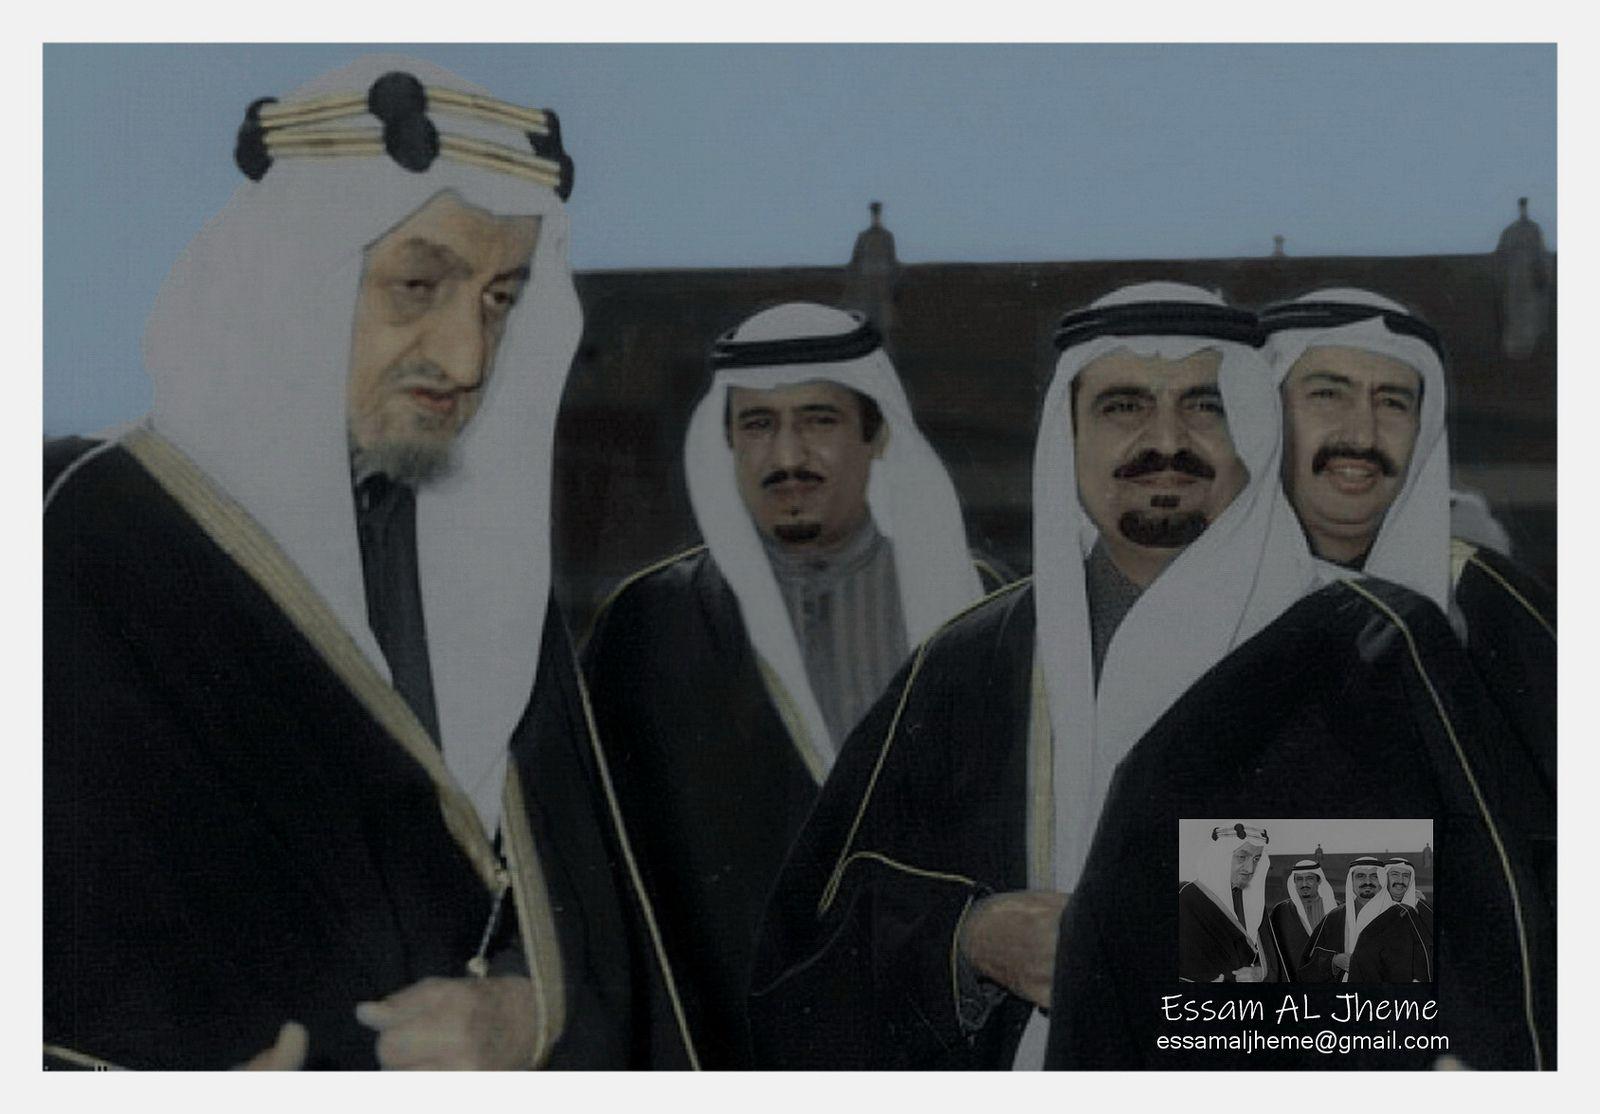 الملك فصيل بن عبدالعزيز والملك سلمان بن عبدالعزيز والامير مشعل بن عبدالعزيز والامير نواف بن عبدالعزيز King Faisal Rare Pictures My Images